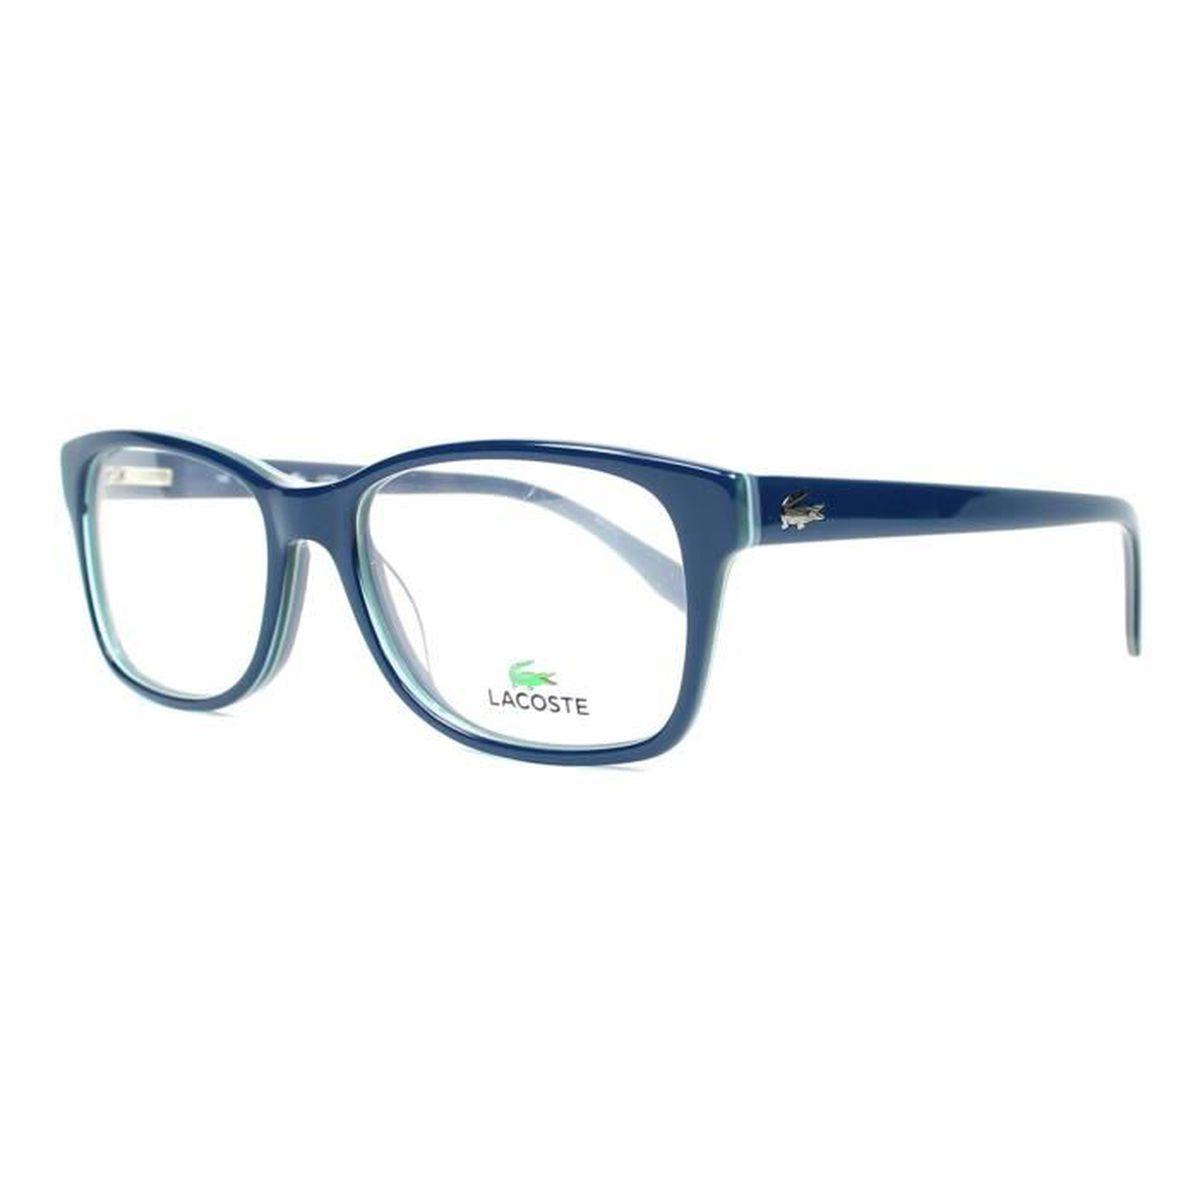 82e036bba2 Lunettes de vue Lacoste L2724 -424 Bleu brillant - Bleu transparent ...